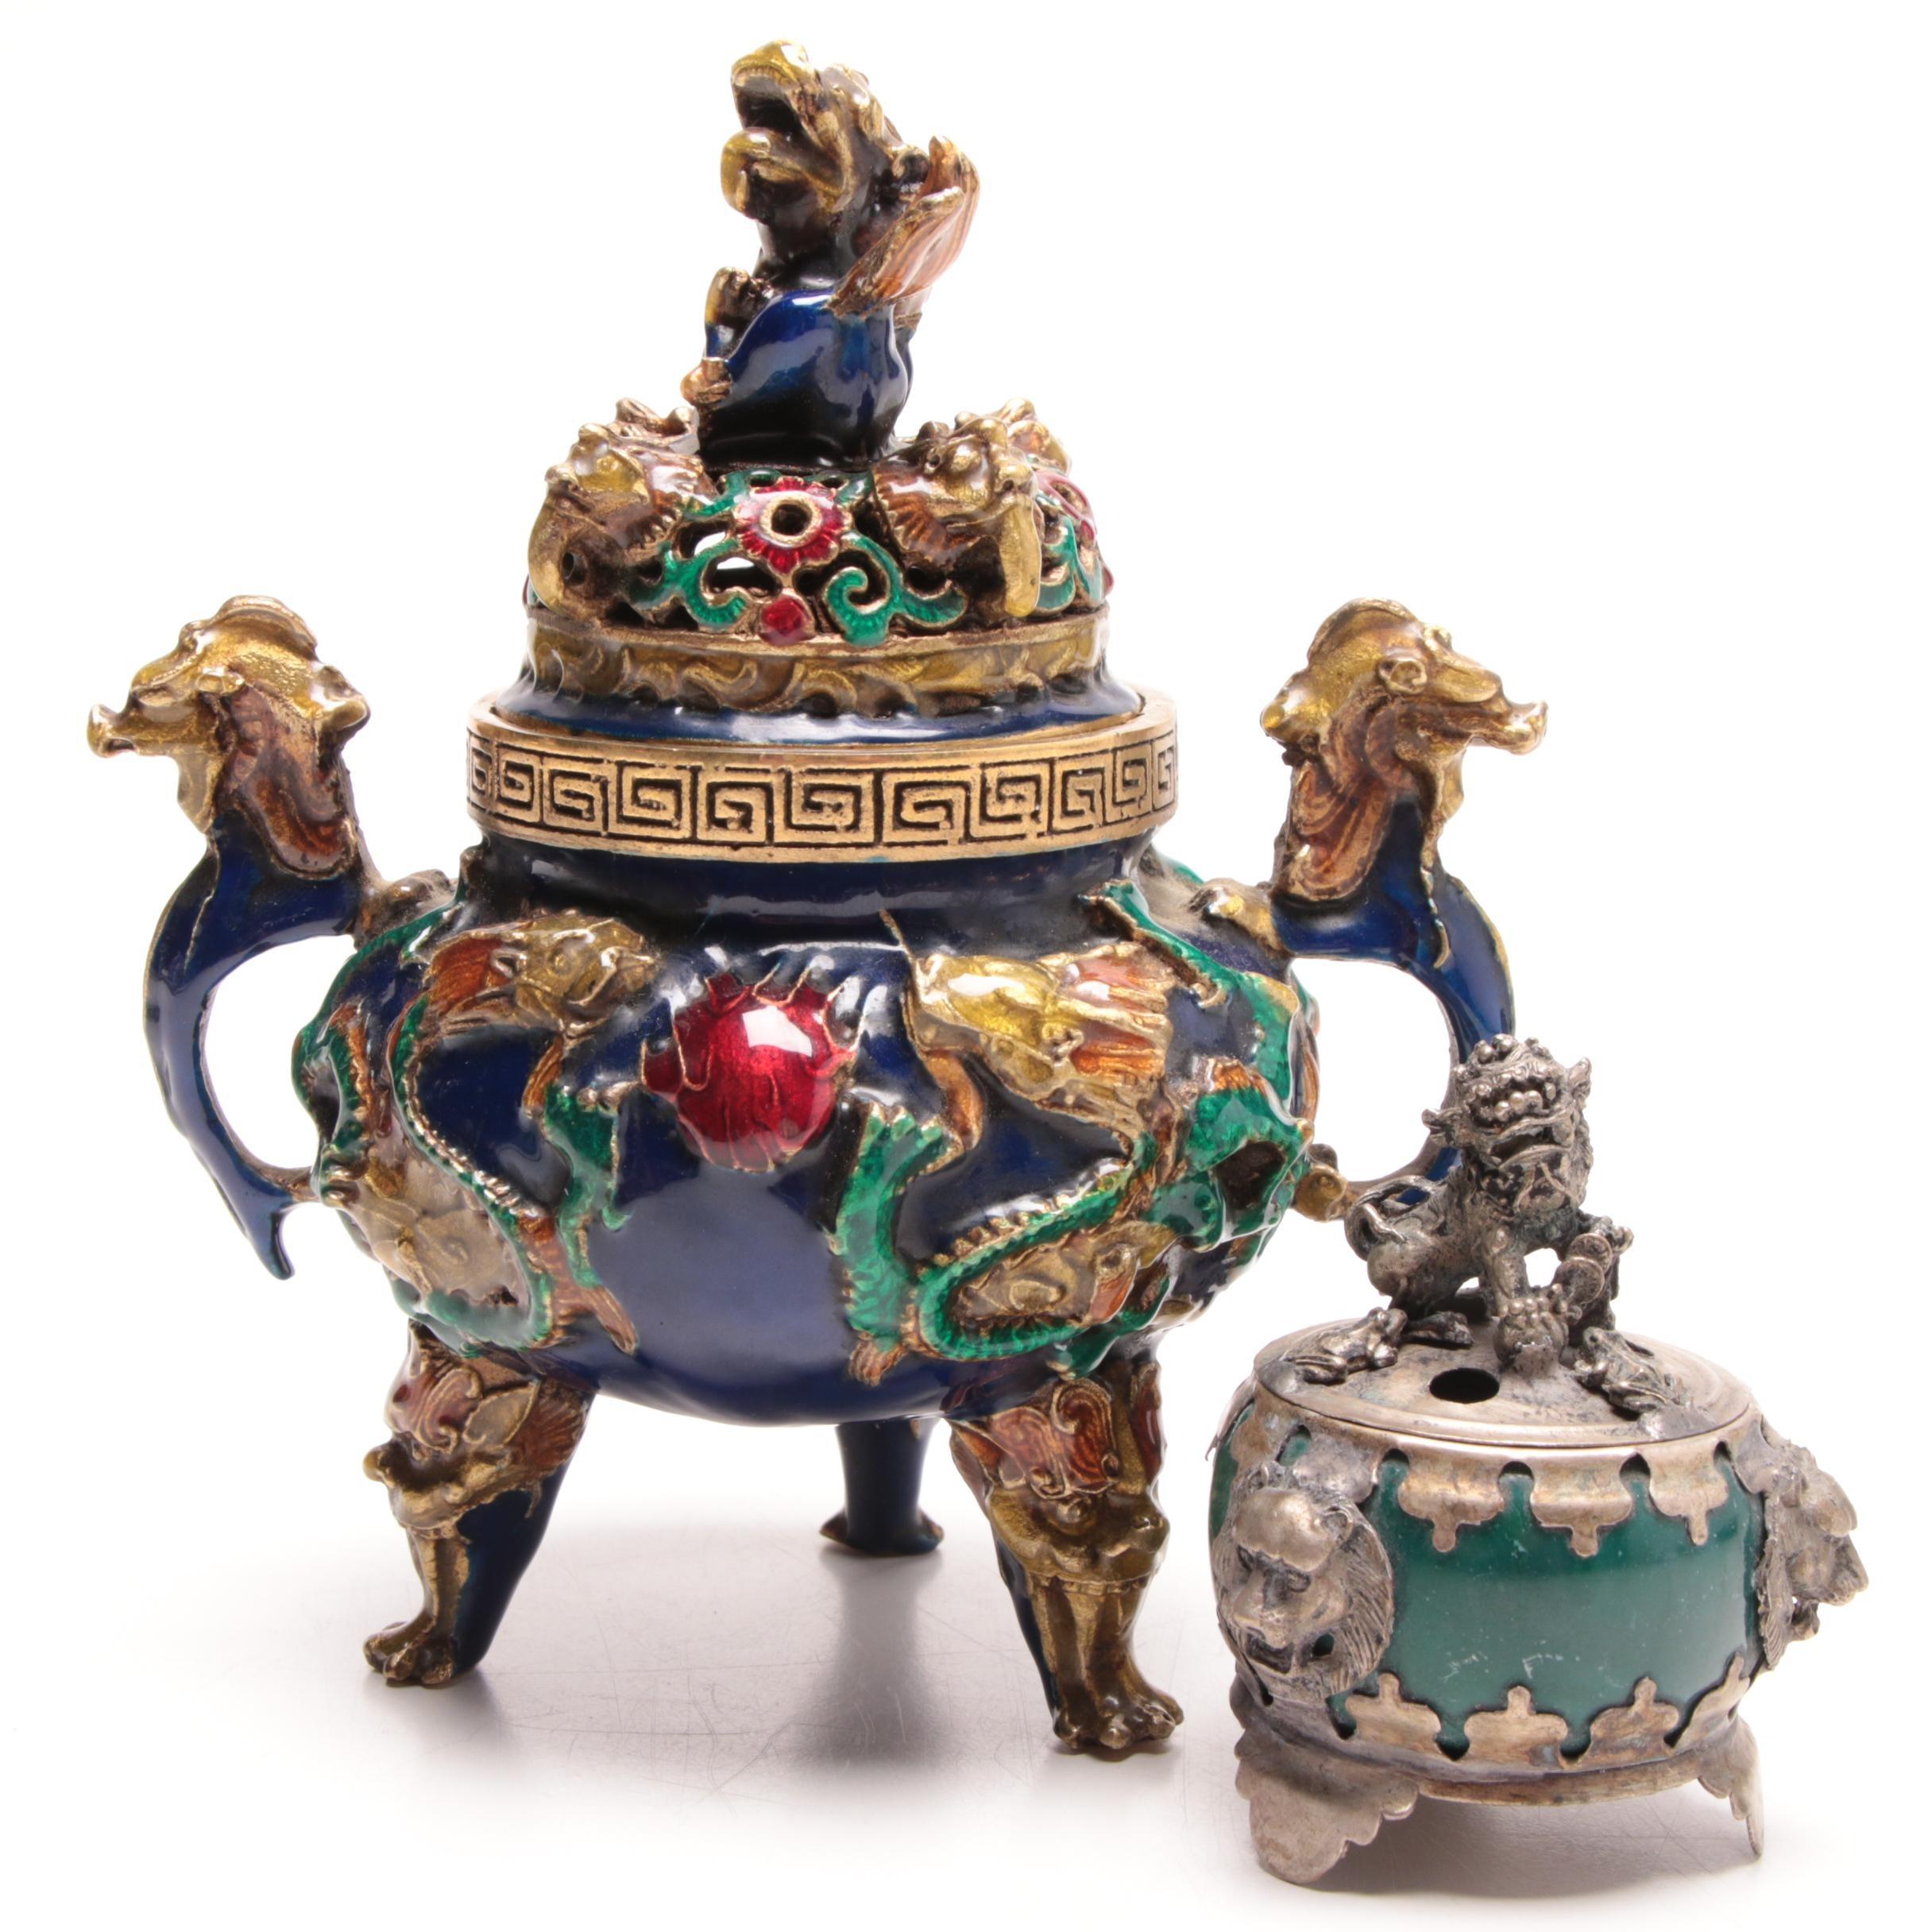 Chinese Ceramic and Metal Incense Burners